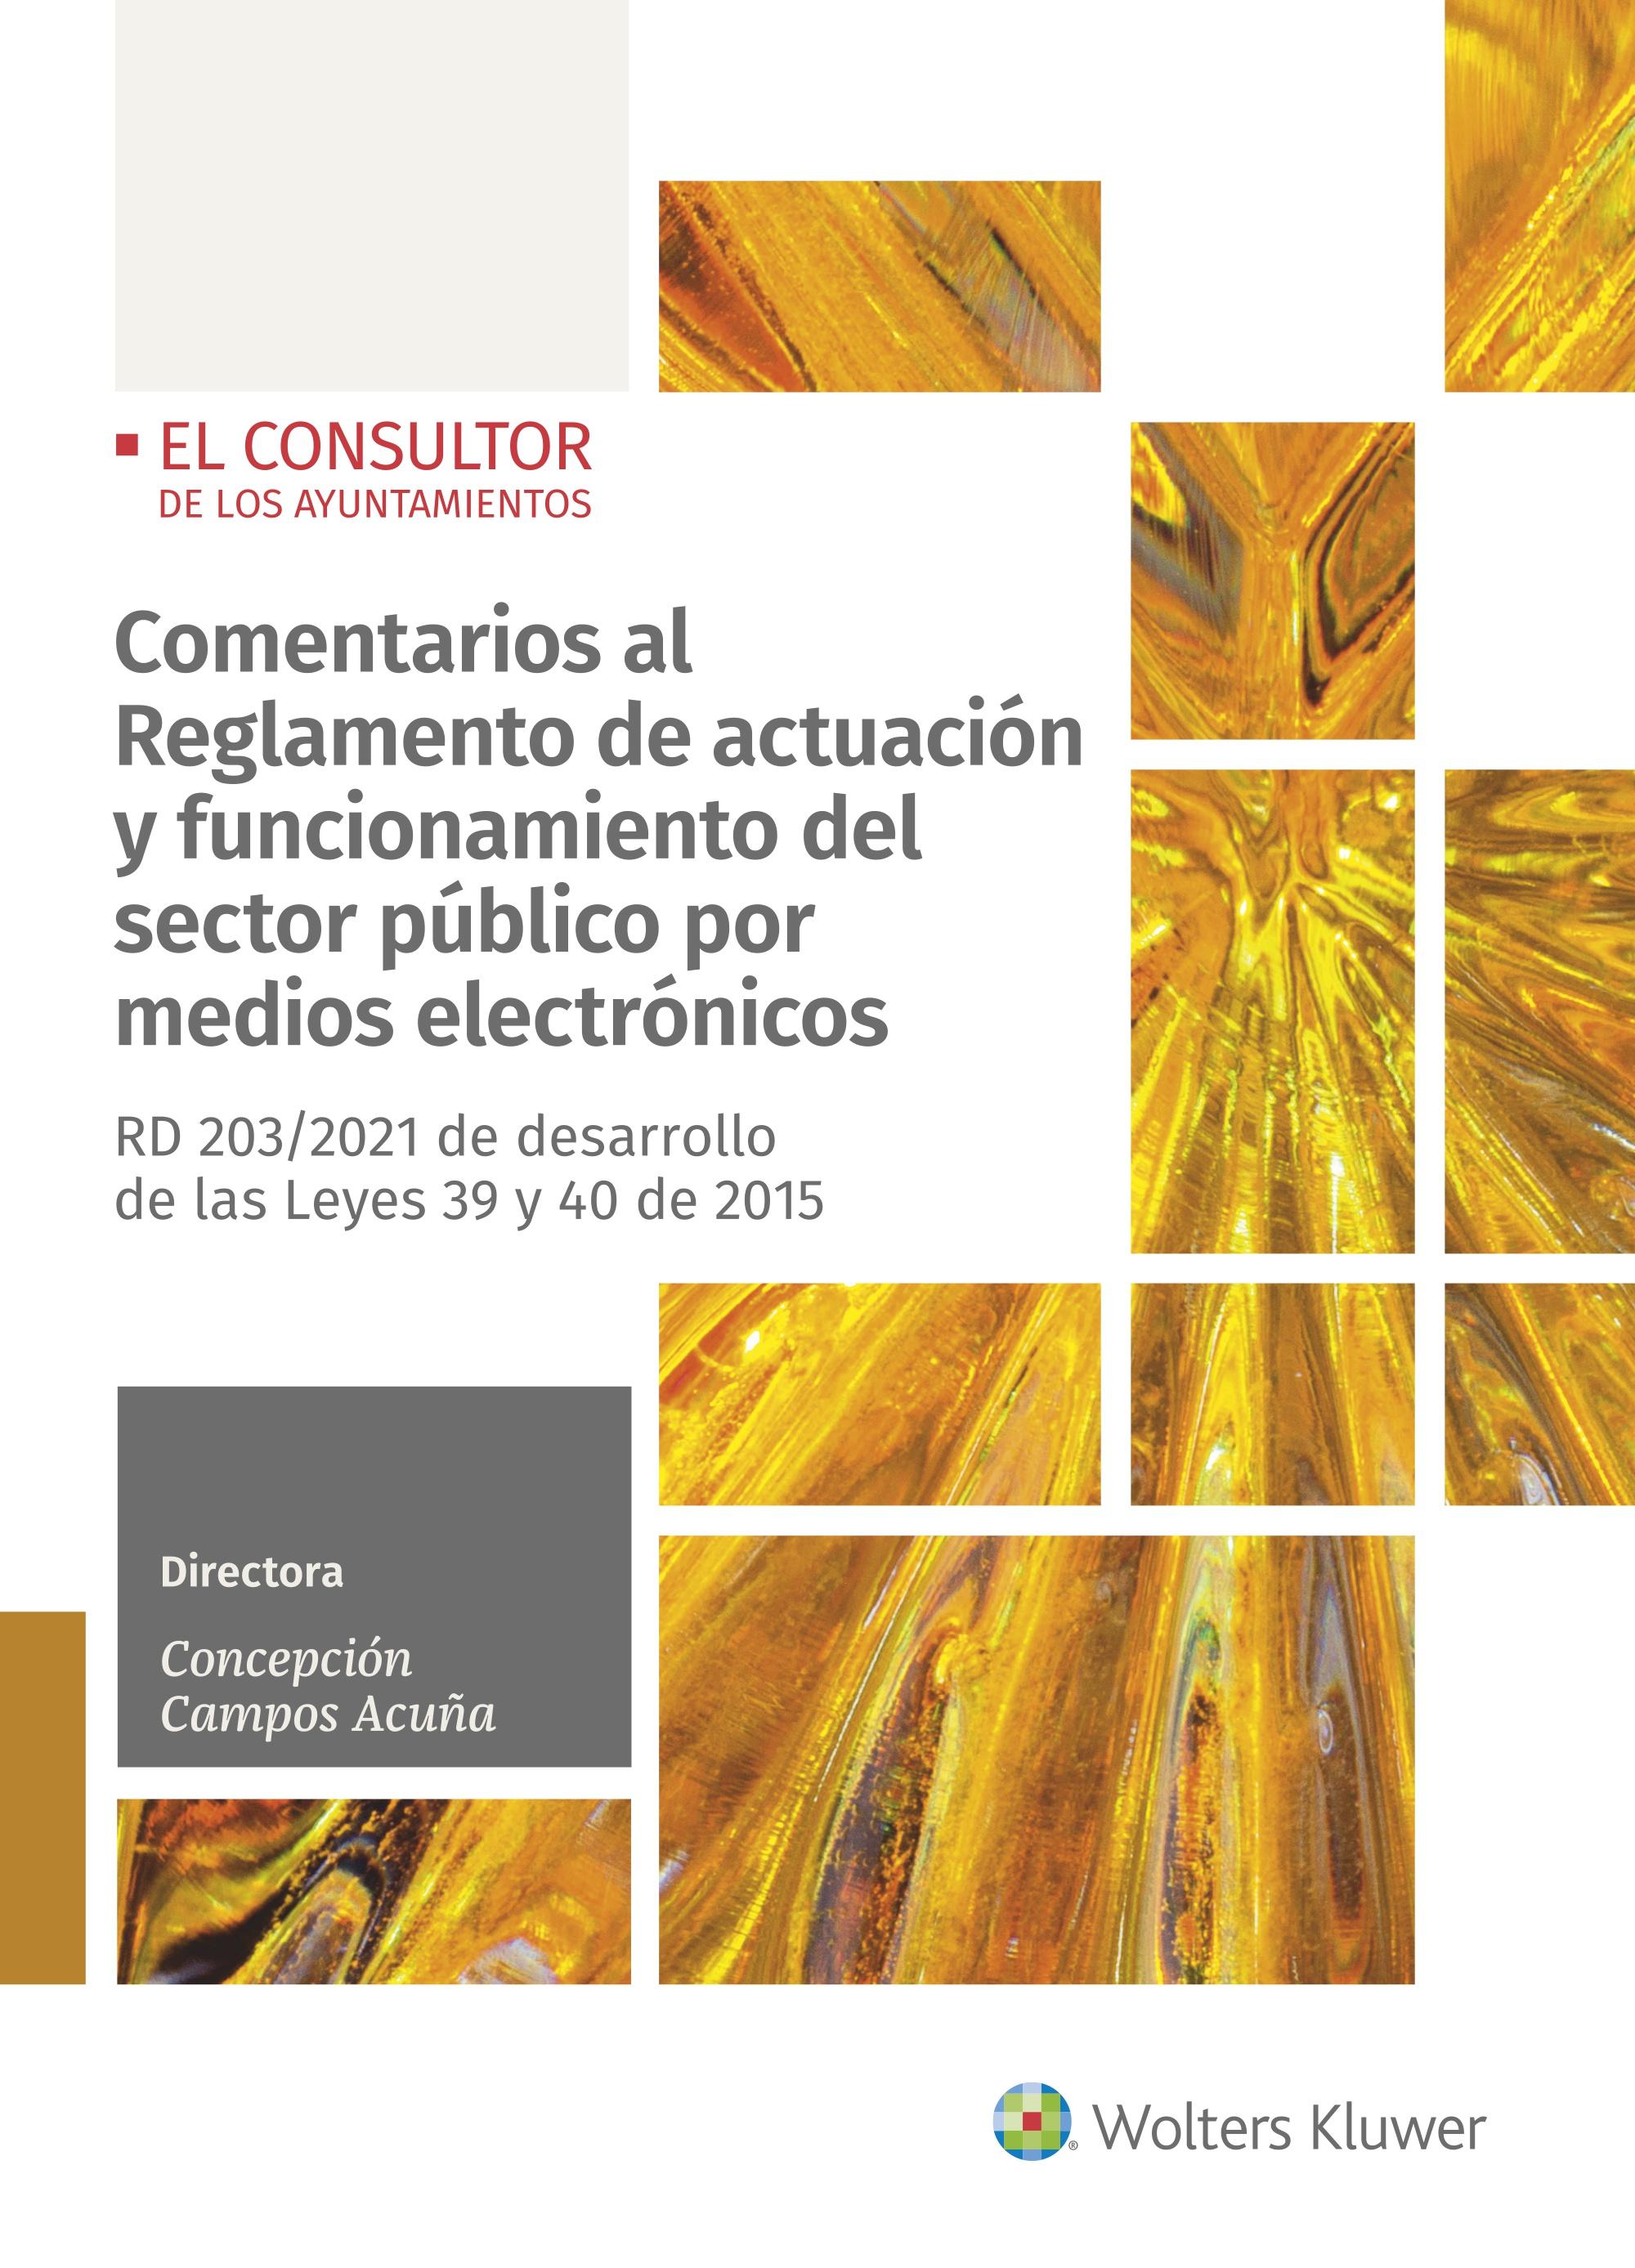 Comentarios al Reglamento de actuación y funcionamiento del sector público por medios electrónicos   «RD 203/2021 de desarrollo de las Leyes 39 y 40 de 2015»